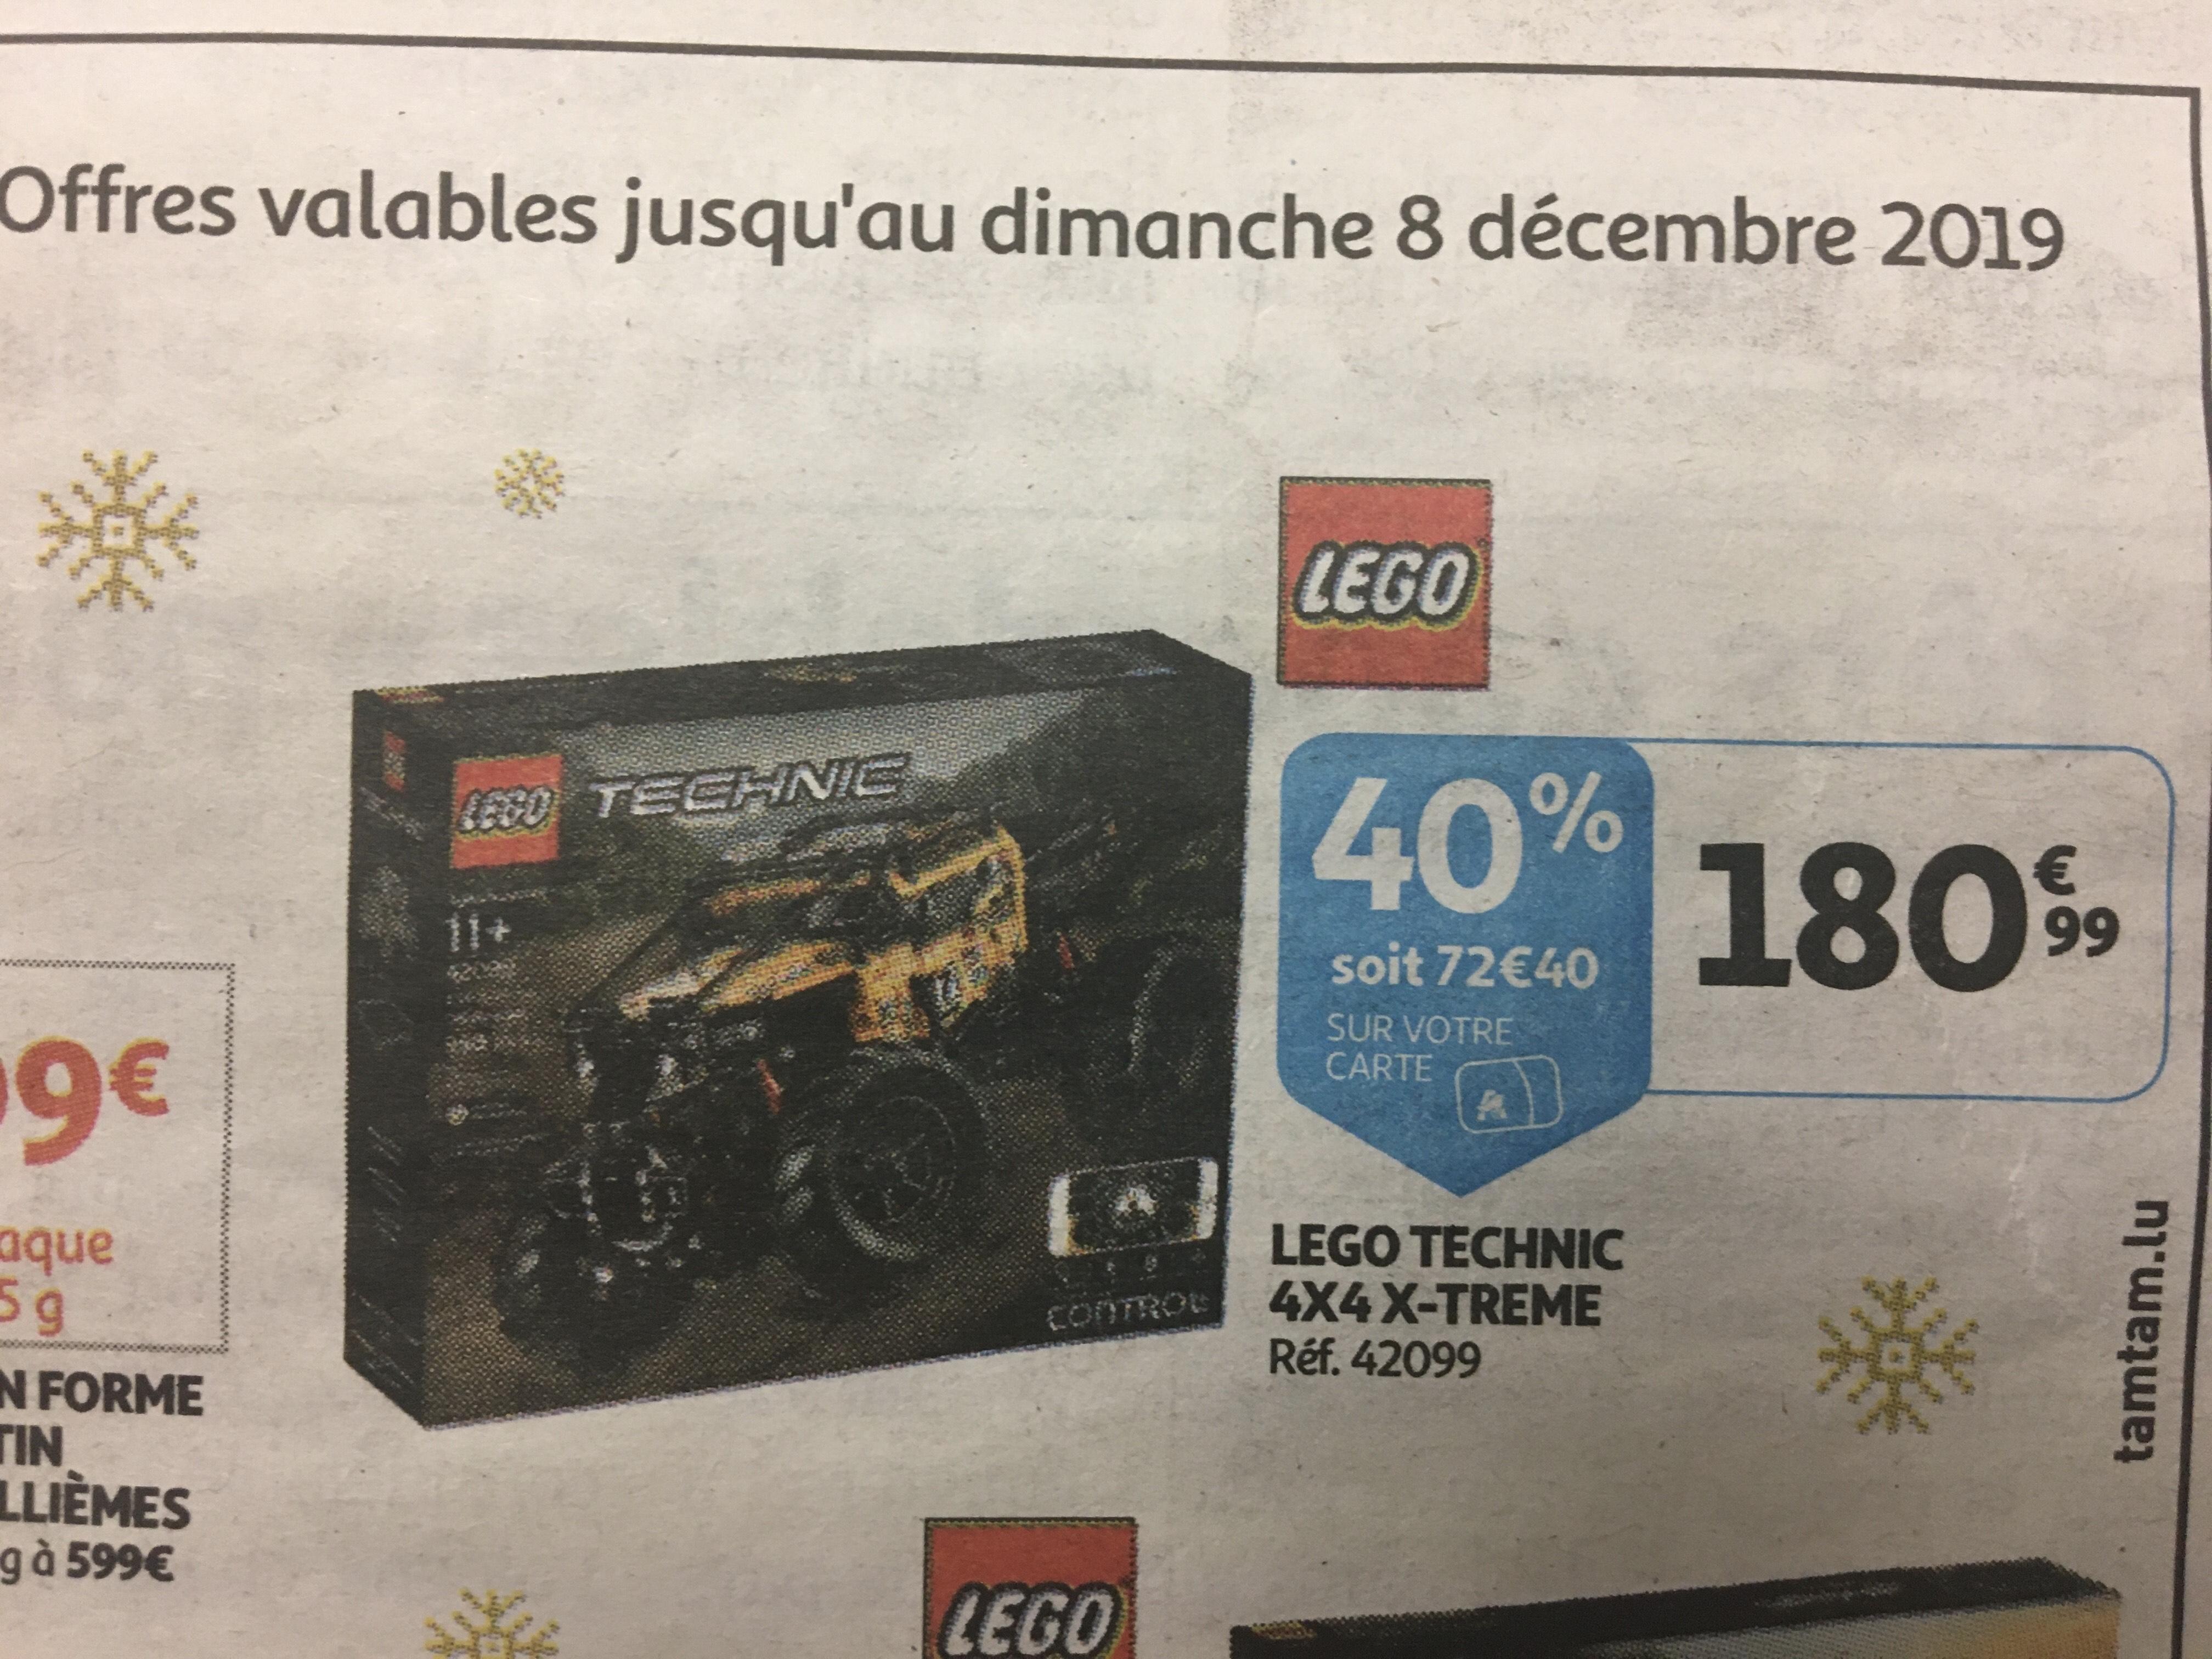 Sélection de Lego en promotion - Ex: Lego Technic - Le tout-terrain X-trême - via 72.4€ sur la carte de fidélité (frontaliers Luxembourg)